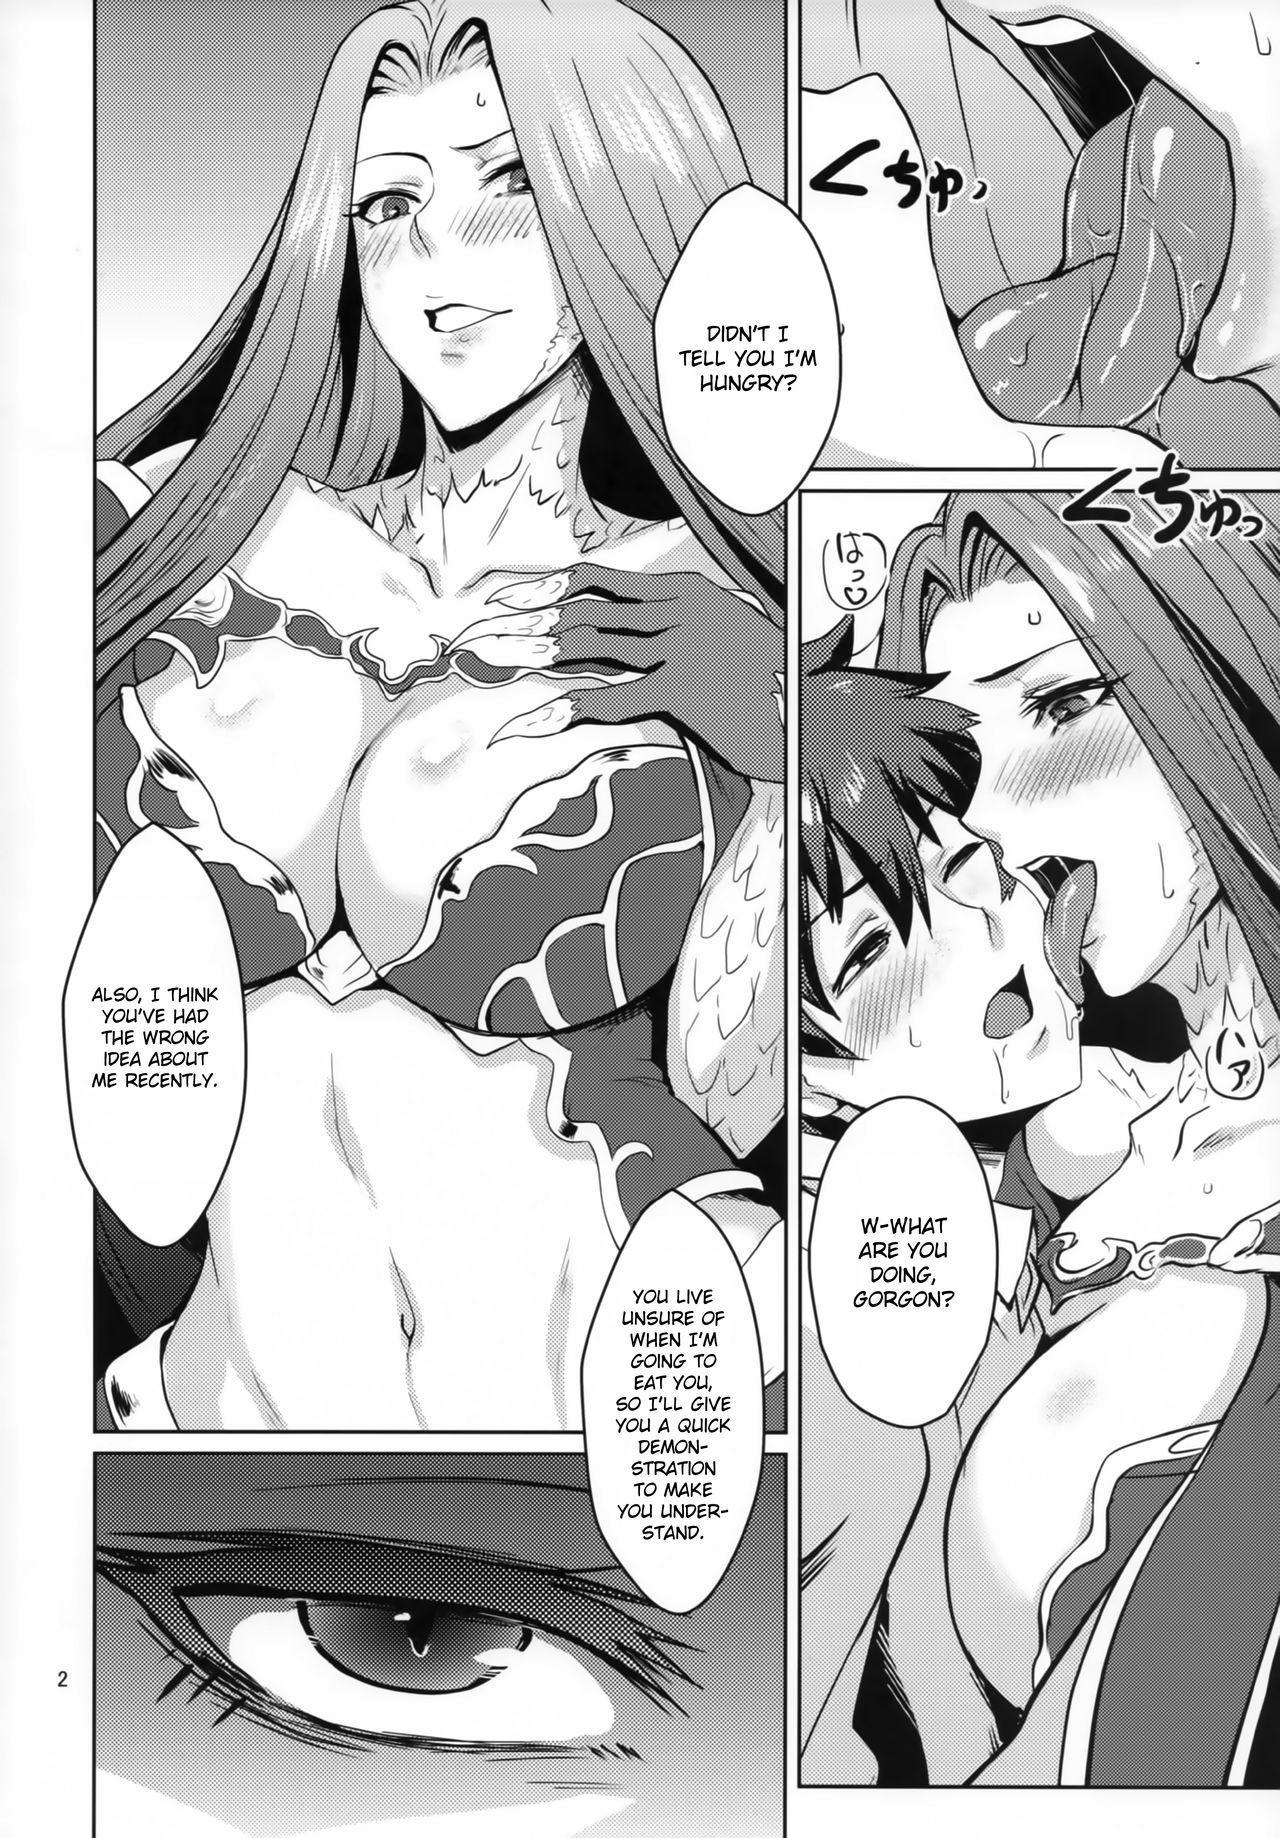 Gorgon Blossom 2